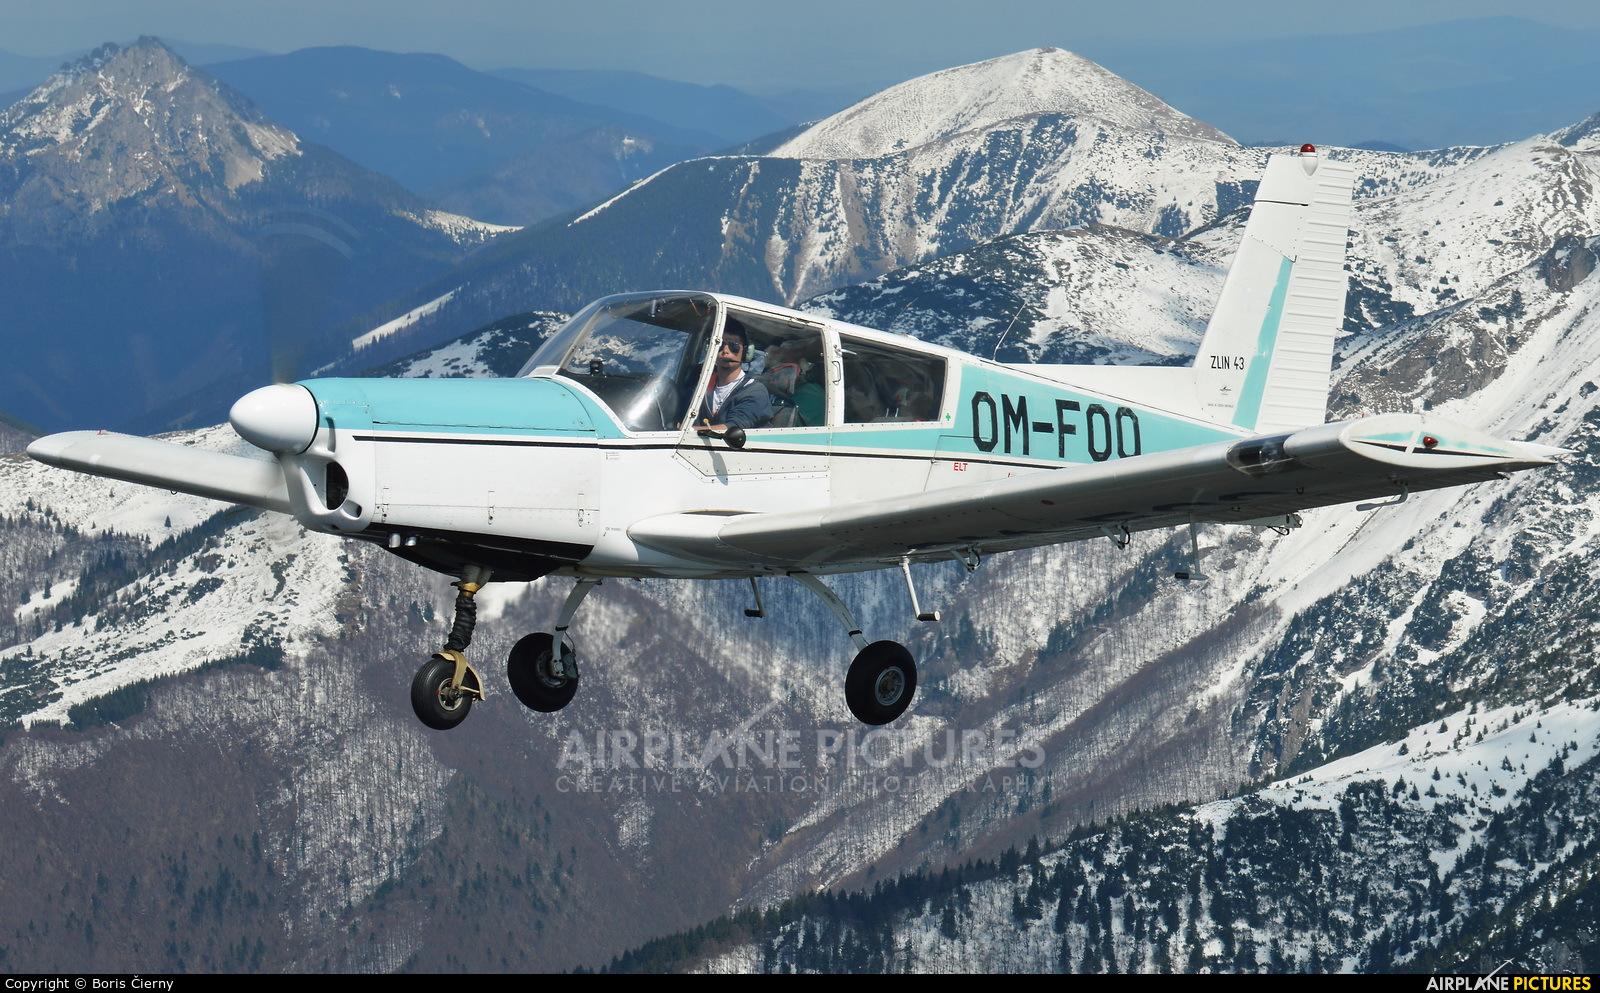 Aeroklub Očová OM-FOO aircraft at In Flight - Slovakia